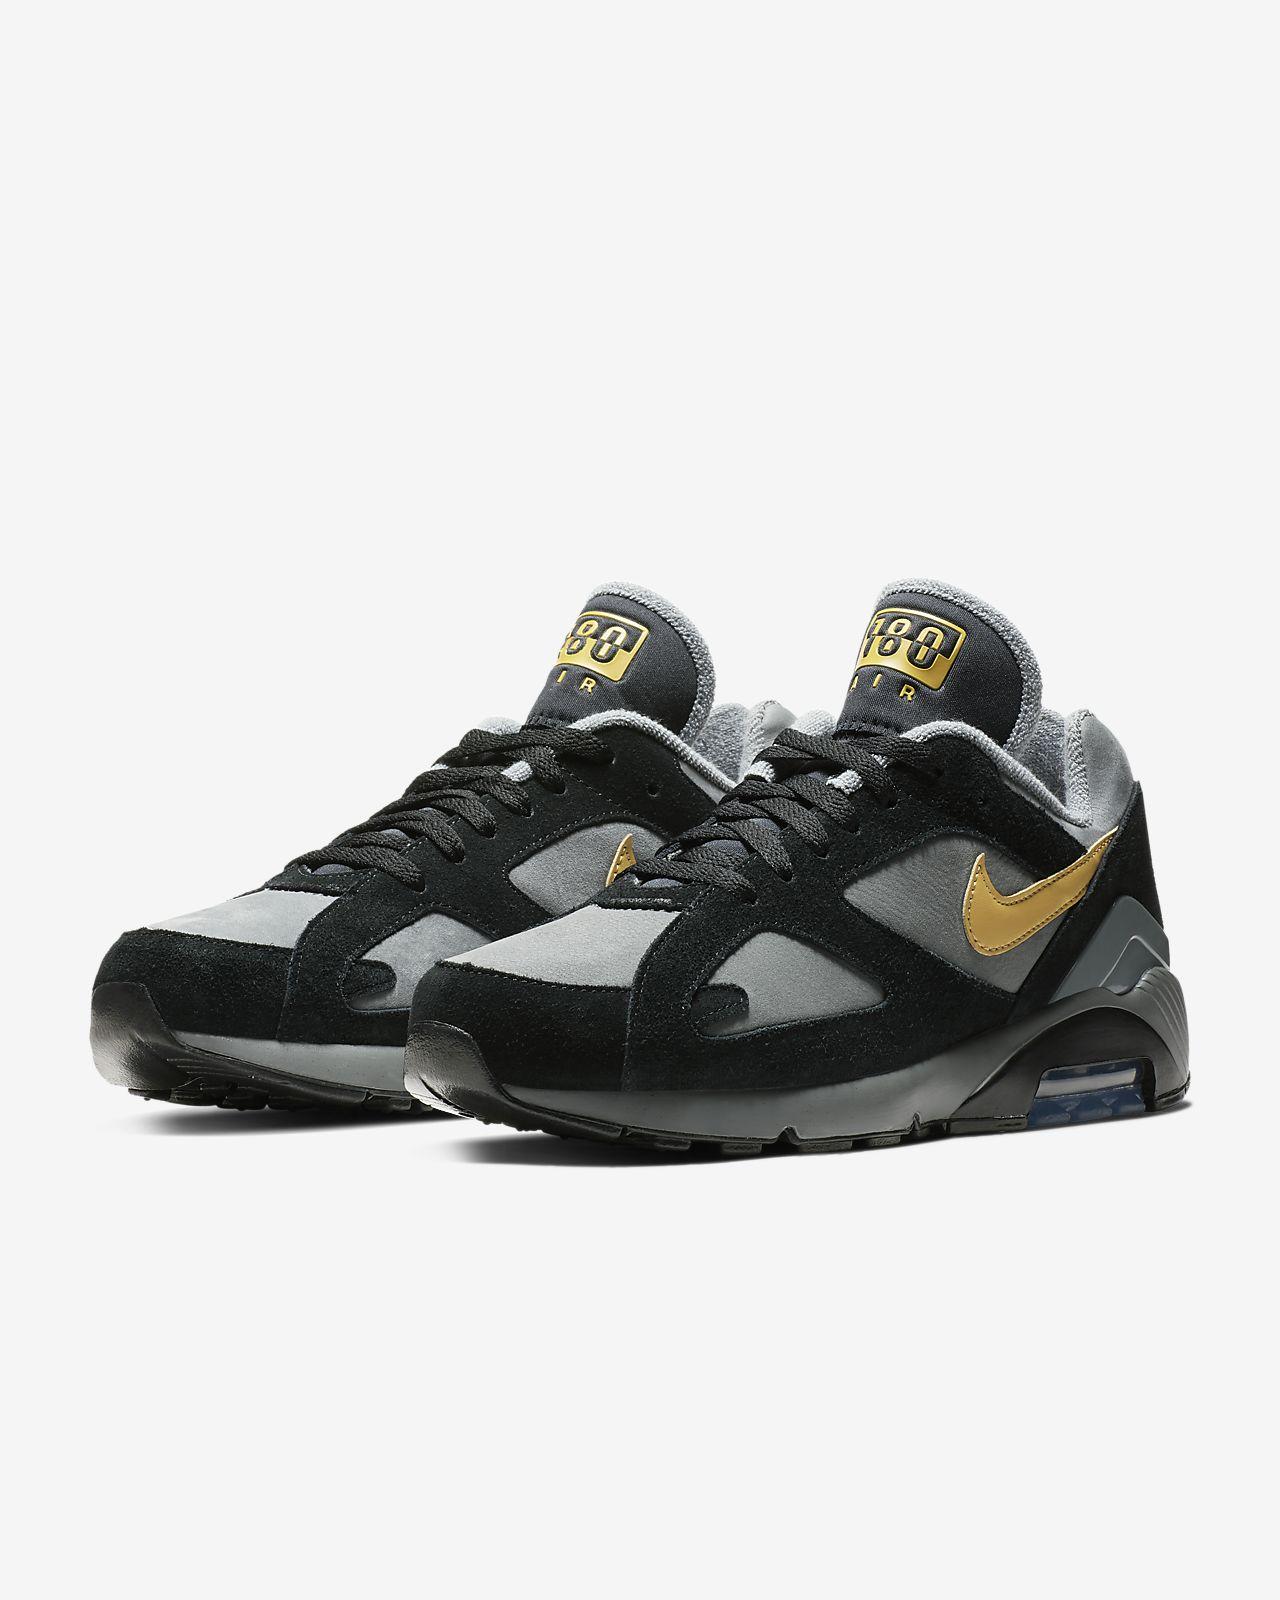 timeless design 44457 8e61e ... Nike Air Max 180-sko til mænd